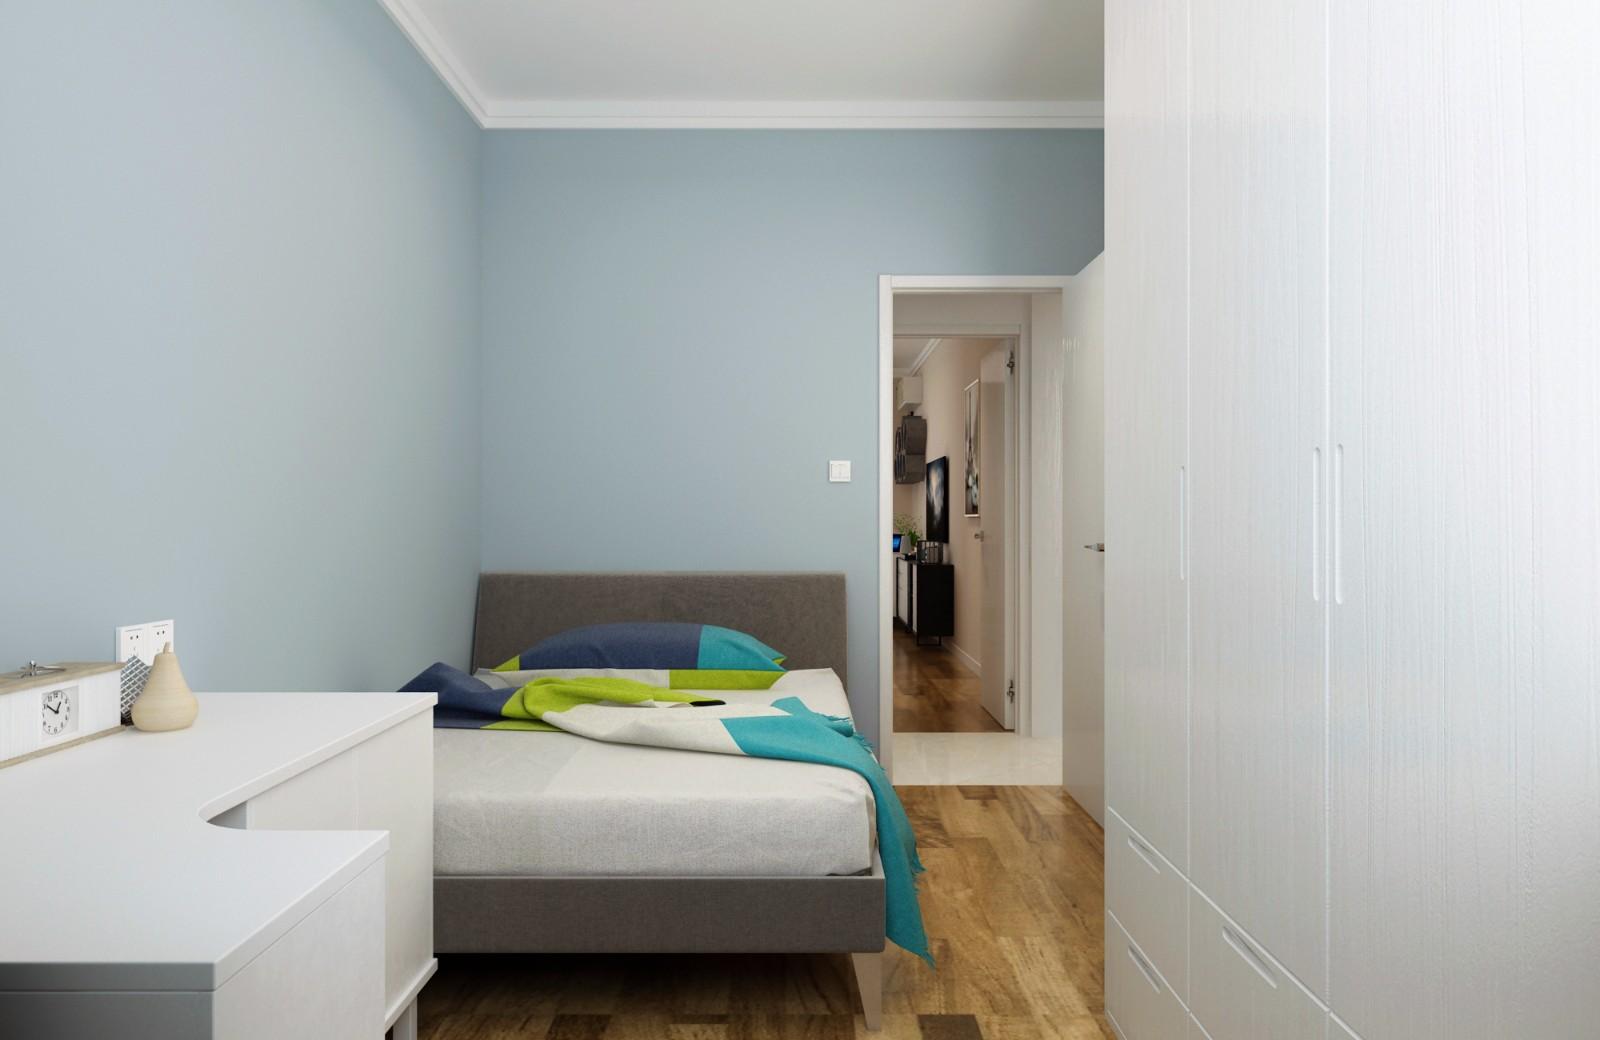 简约卧室背景墙效果图